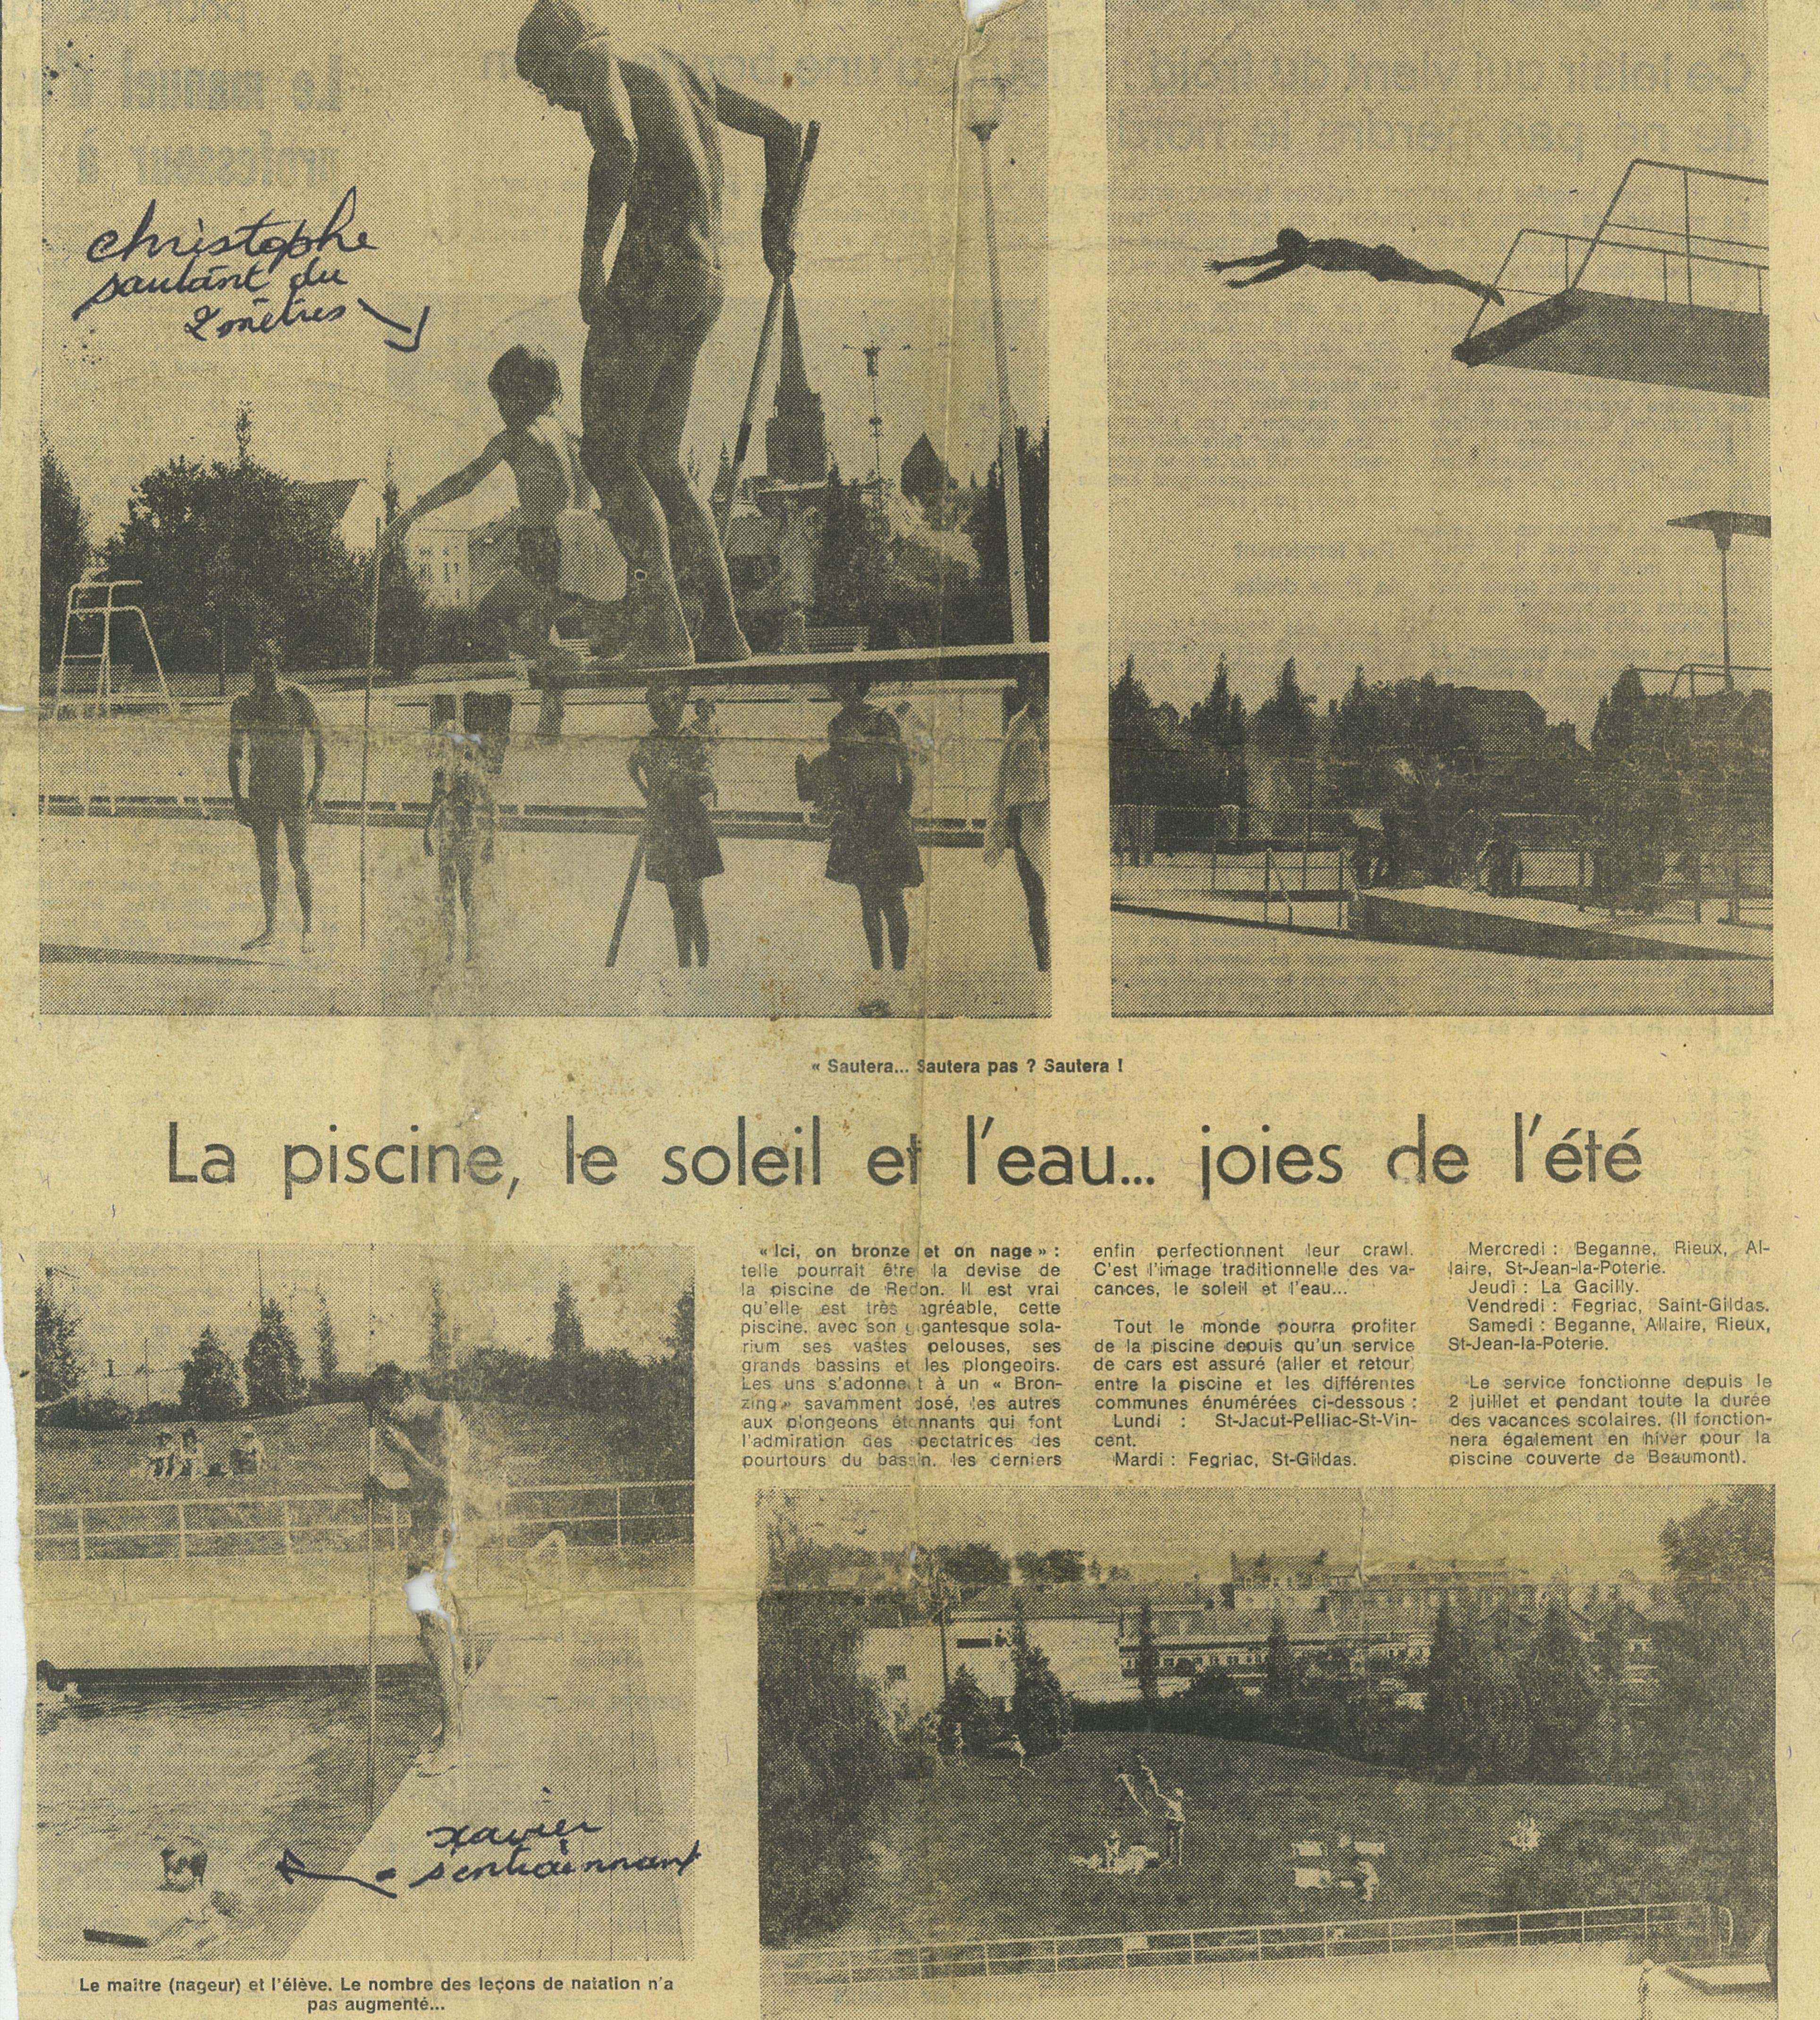 CHRISTOPHE & XAVIER PISCINE DE REDON OUEST FRANCE REDON 11 JUILLET 1973